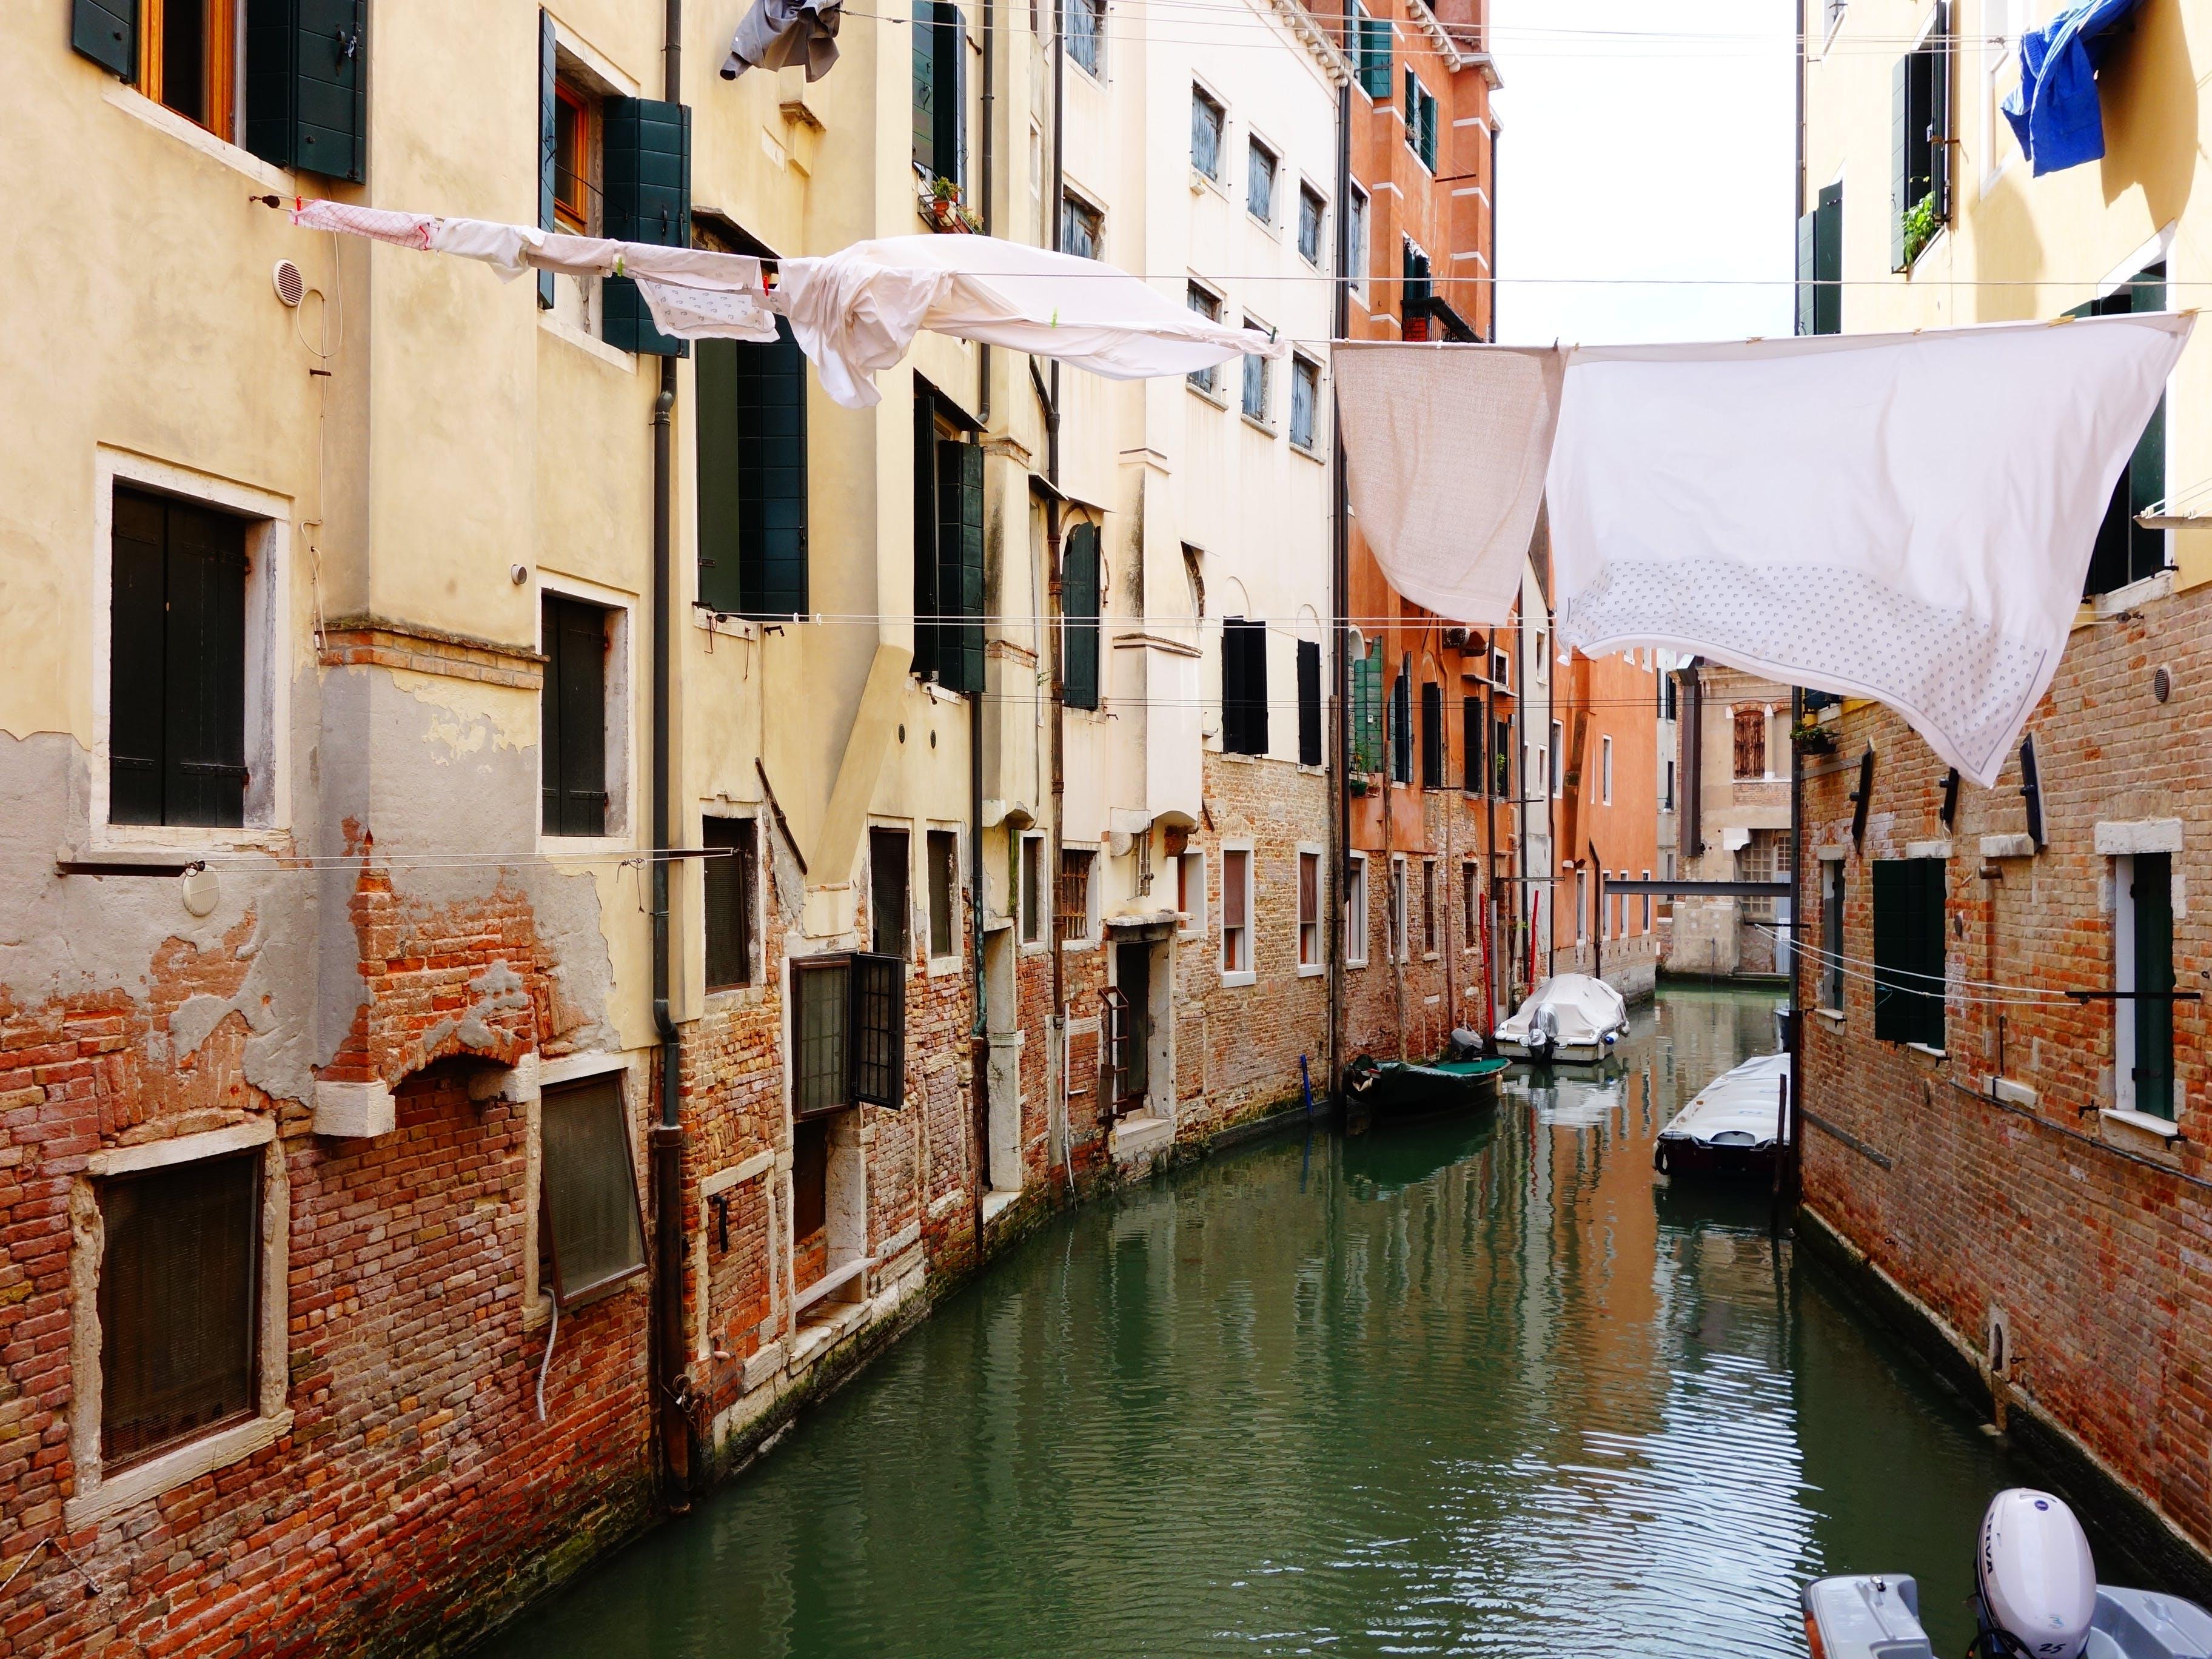 Kostenloses Stock Foto zu apartmentgebäude, gebäude außen, italien, kanal